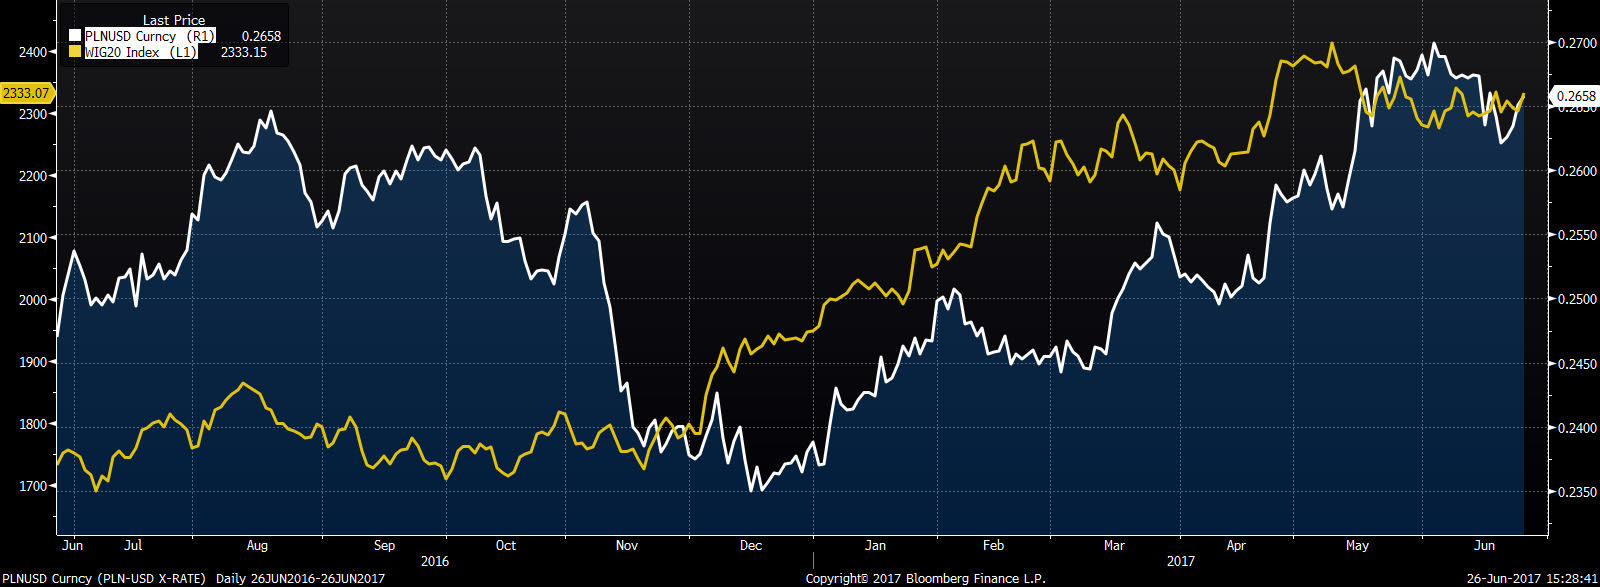 PLN/USD na tle indeksu WIG 20